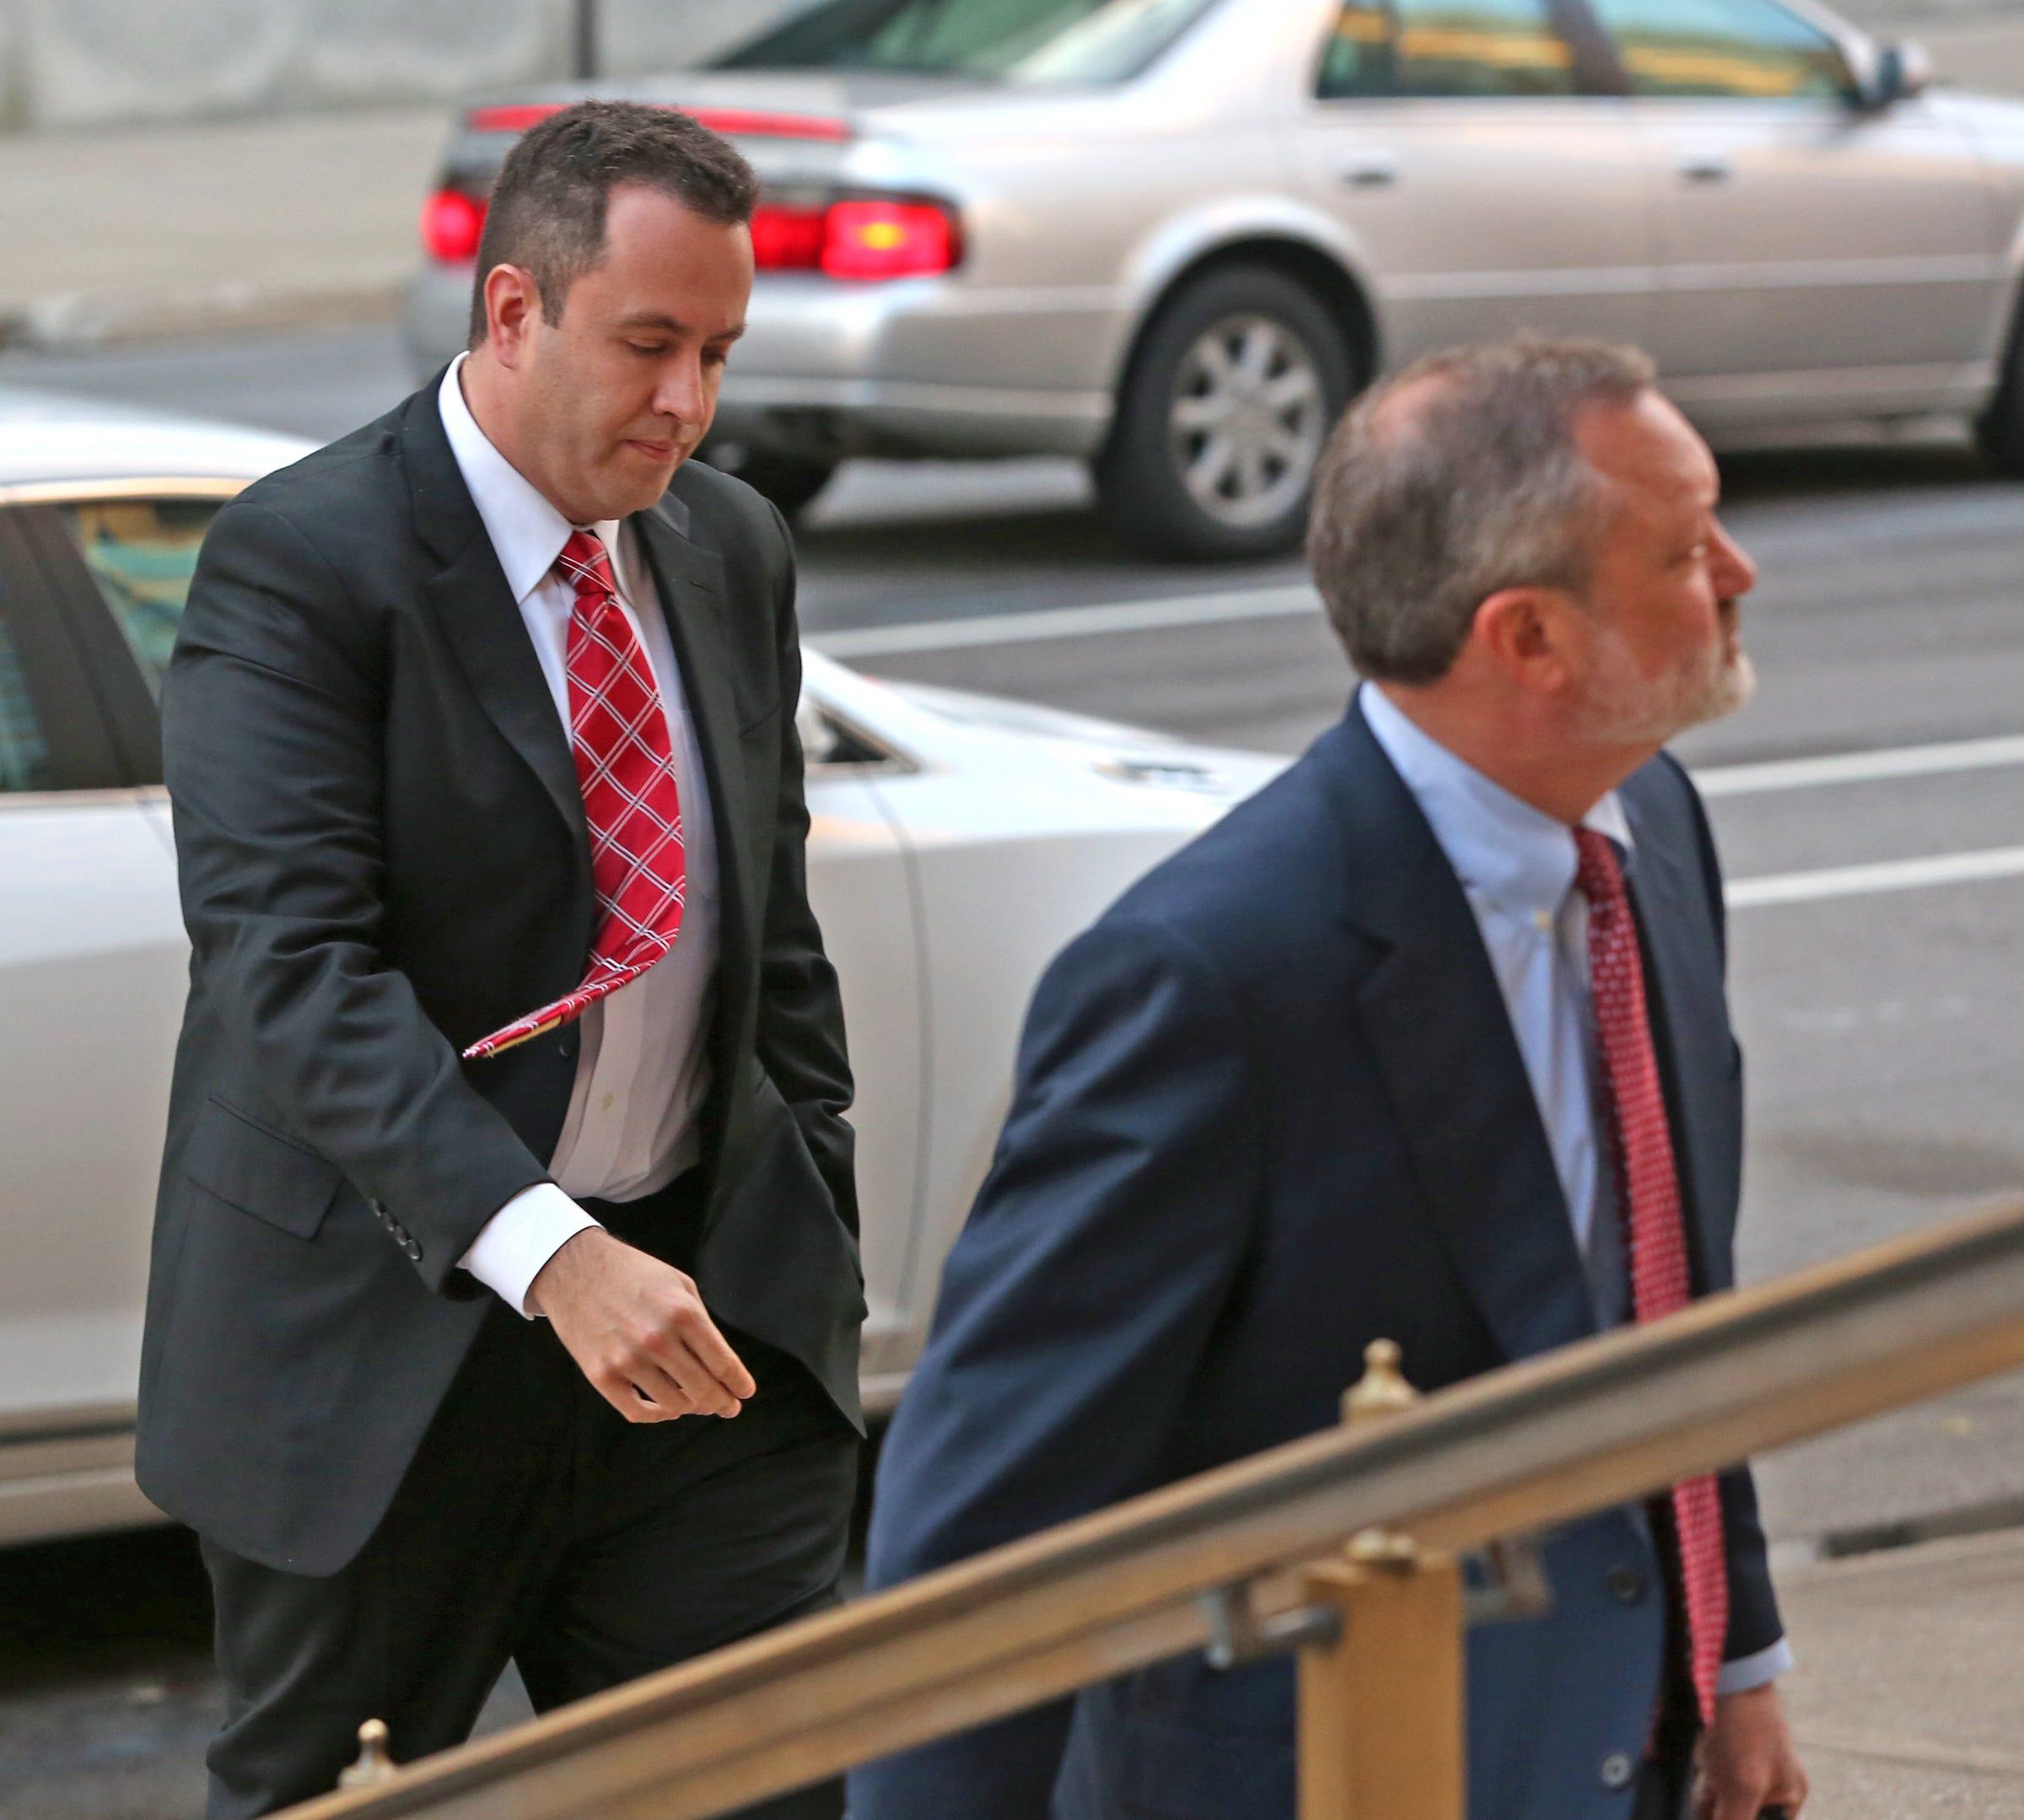 Jared Fogles exwife claims Subway put profits over protecting kids